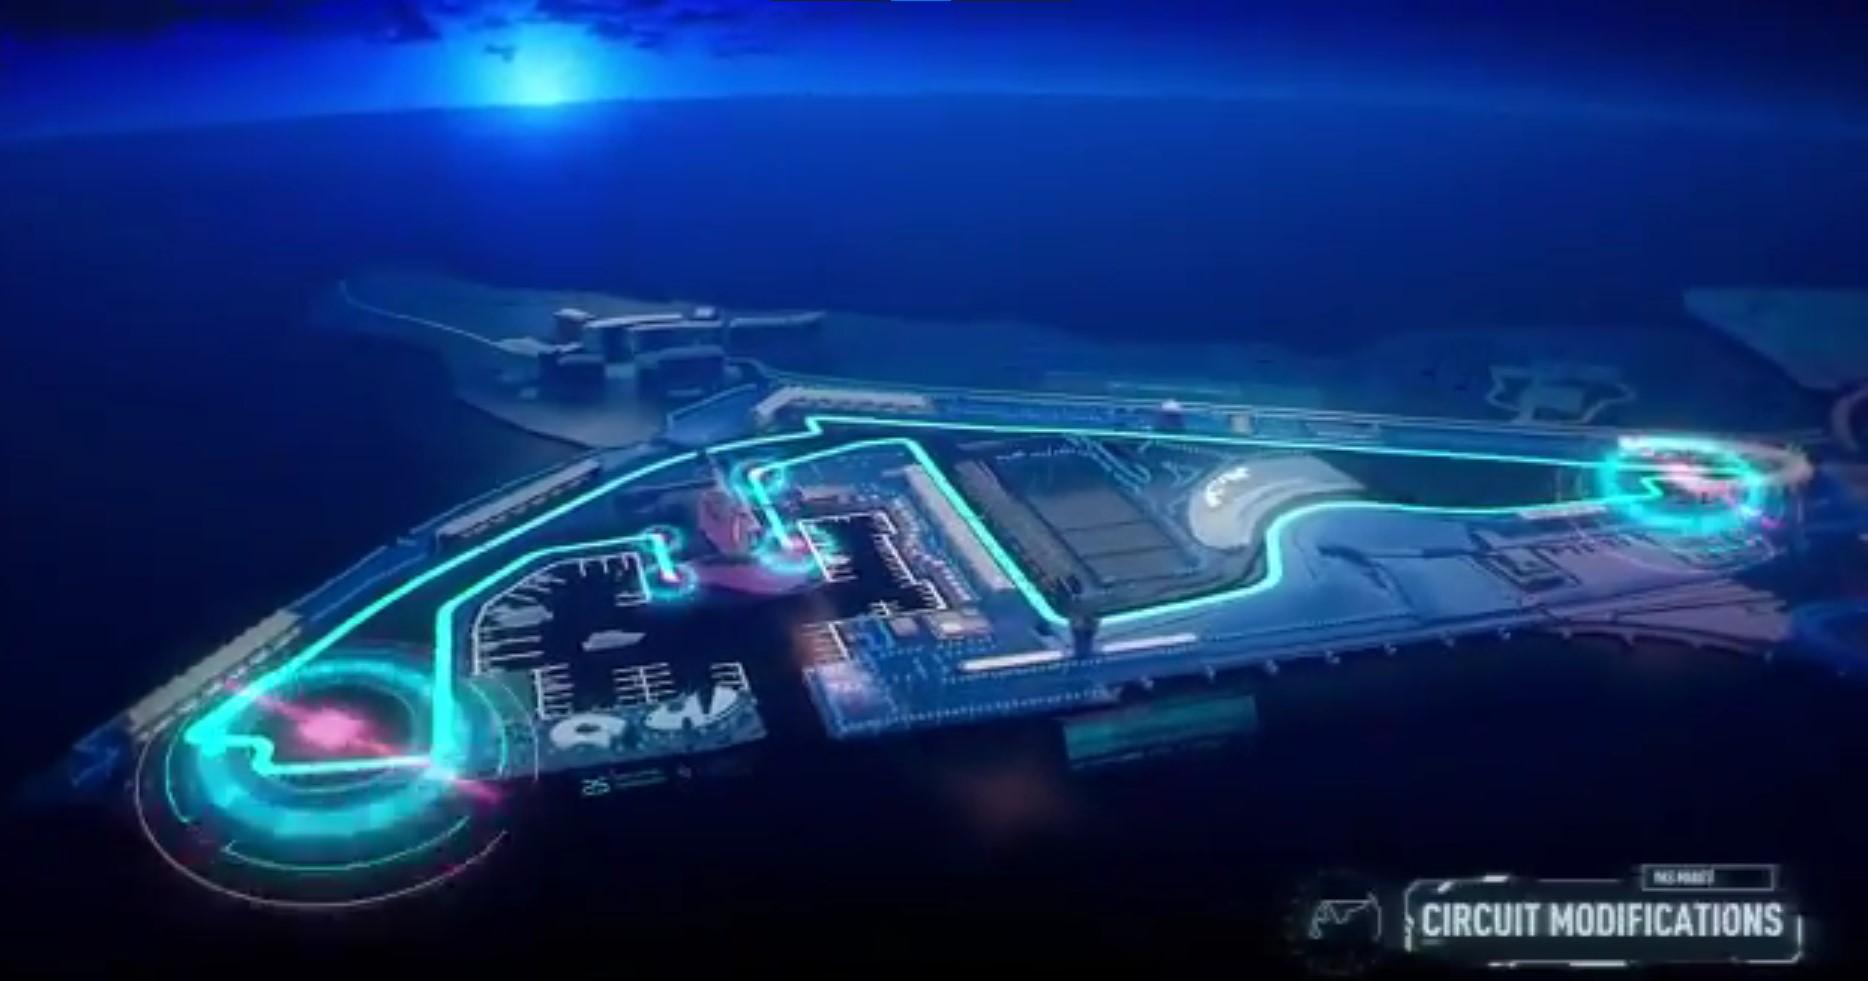 Il circuito di Abu Dhabi si rinnova, modifiche importanti.